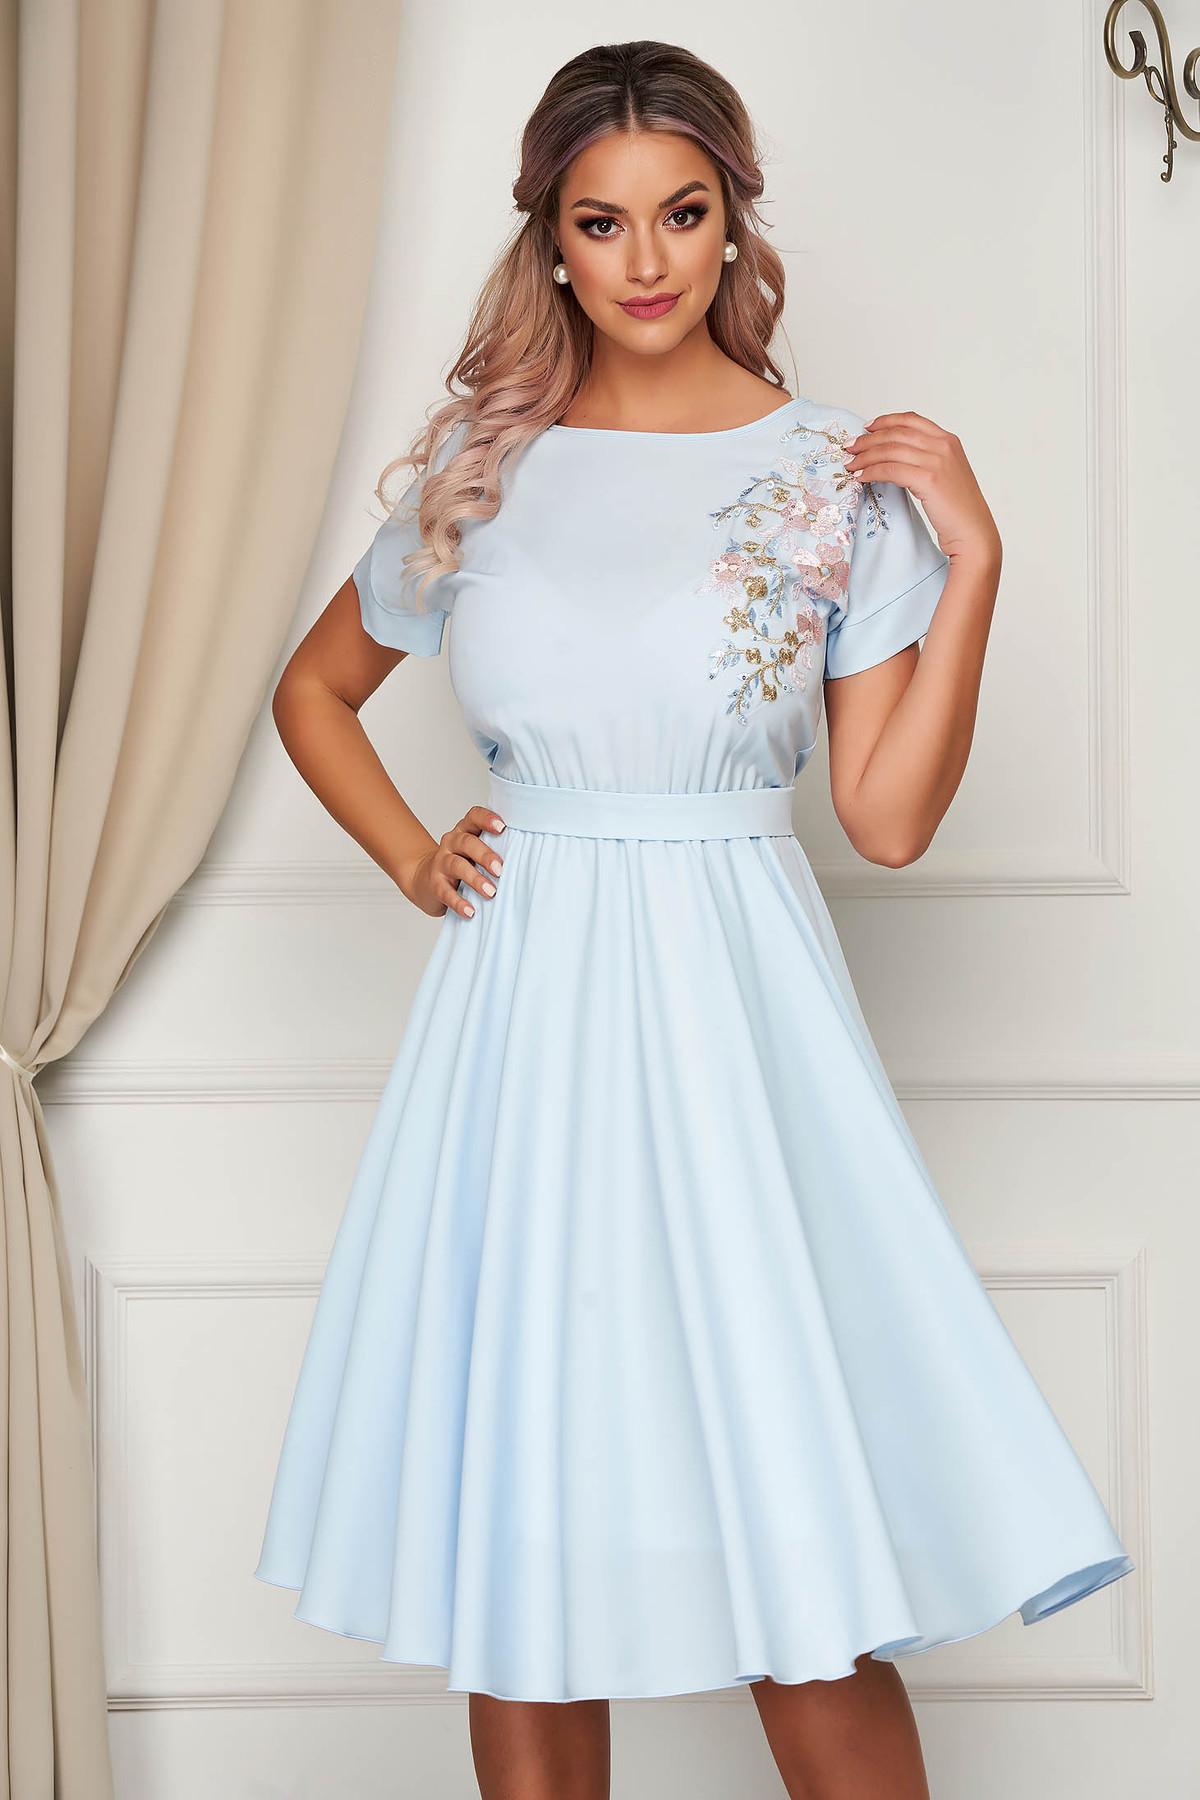 Rochie StarShinerS albastra-deschis de ocazie cu maneci scurte clos cu elastic in talie accesorizata cu cordon